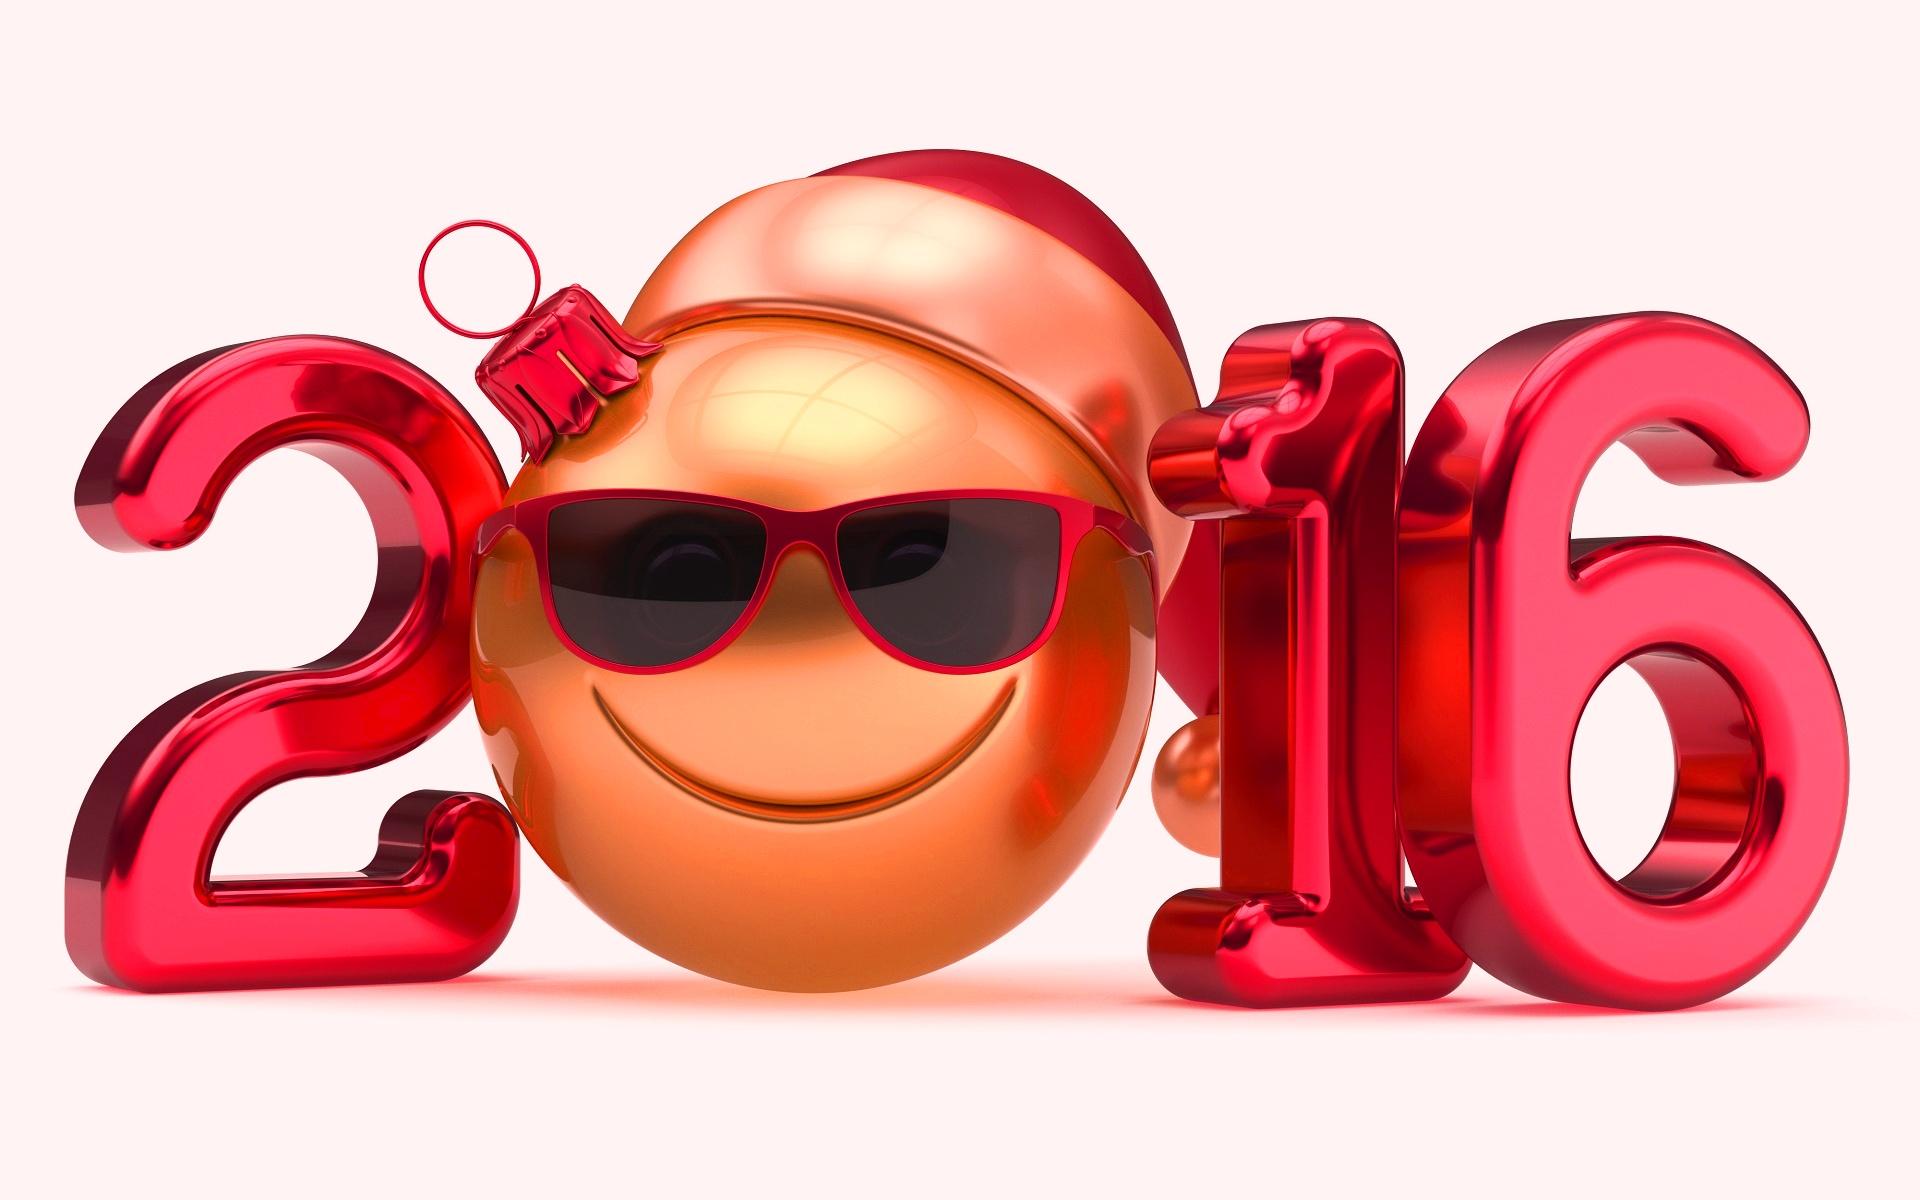 Новогодний смайл - C Новым годом  2019 поздравительные картинки